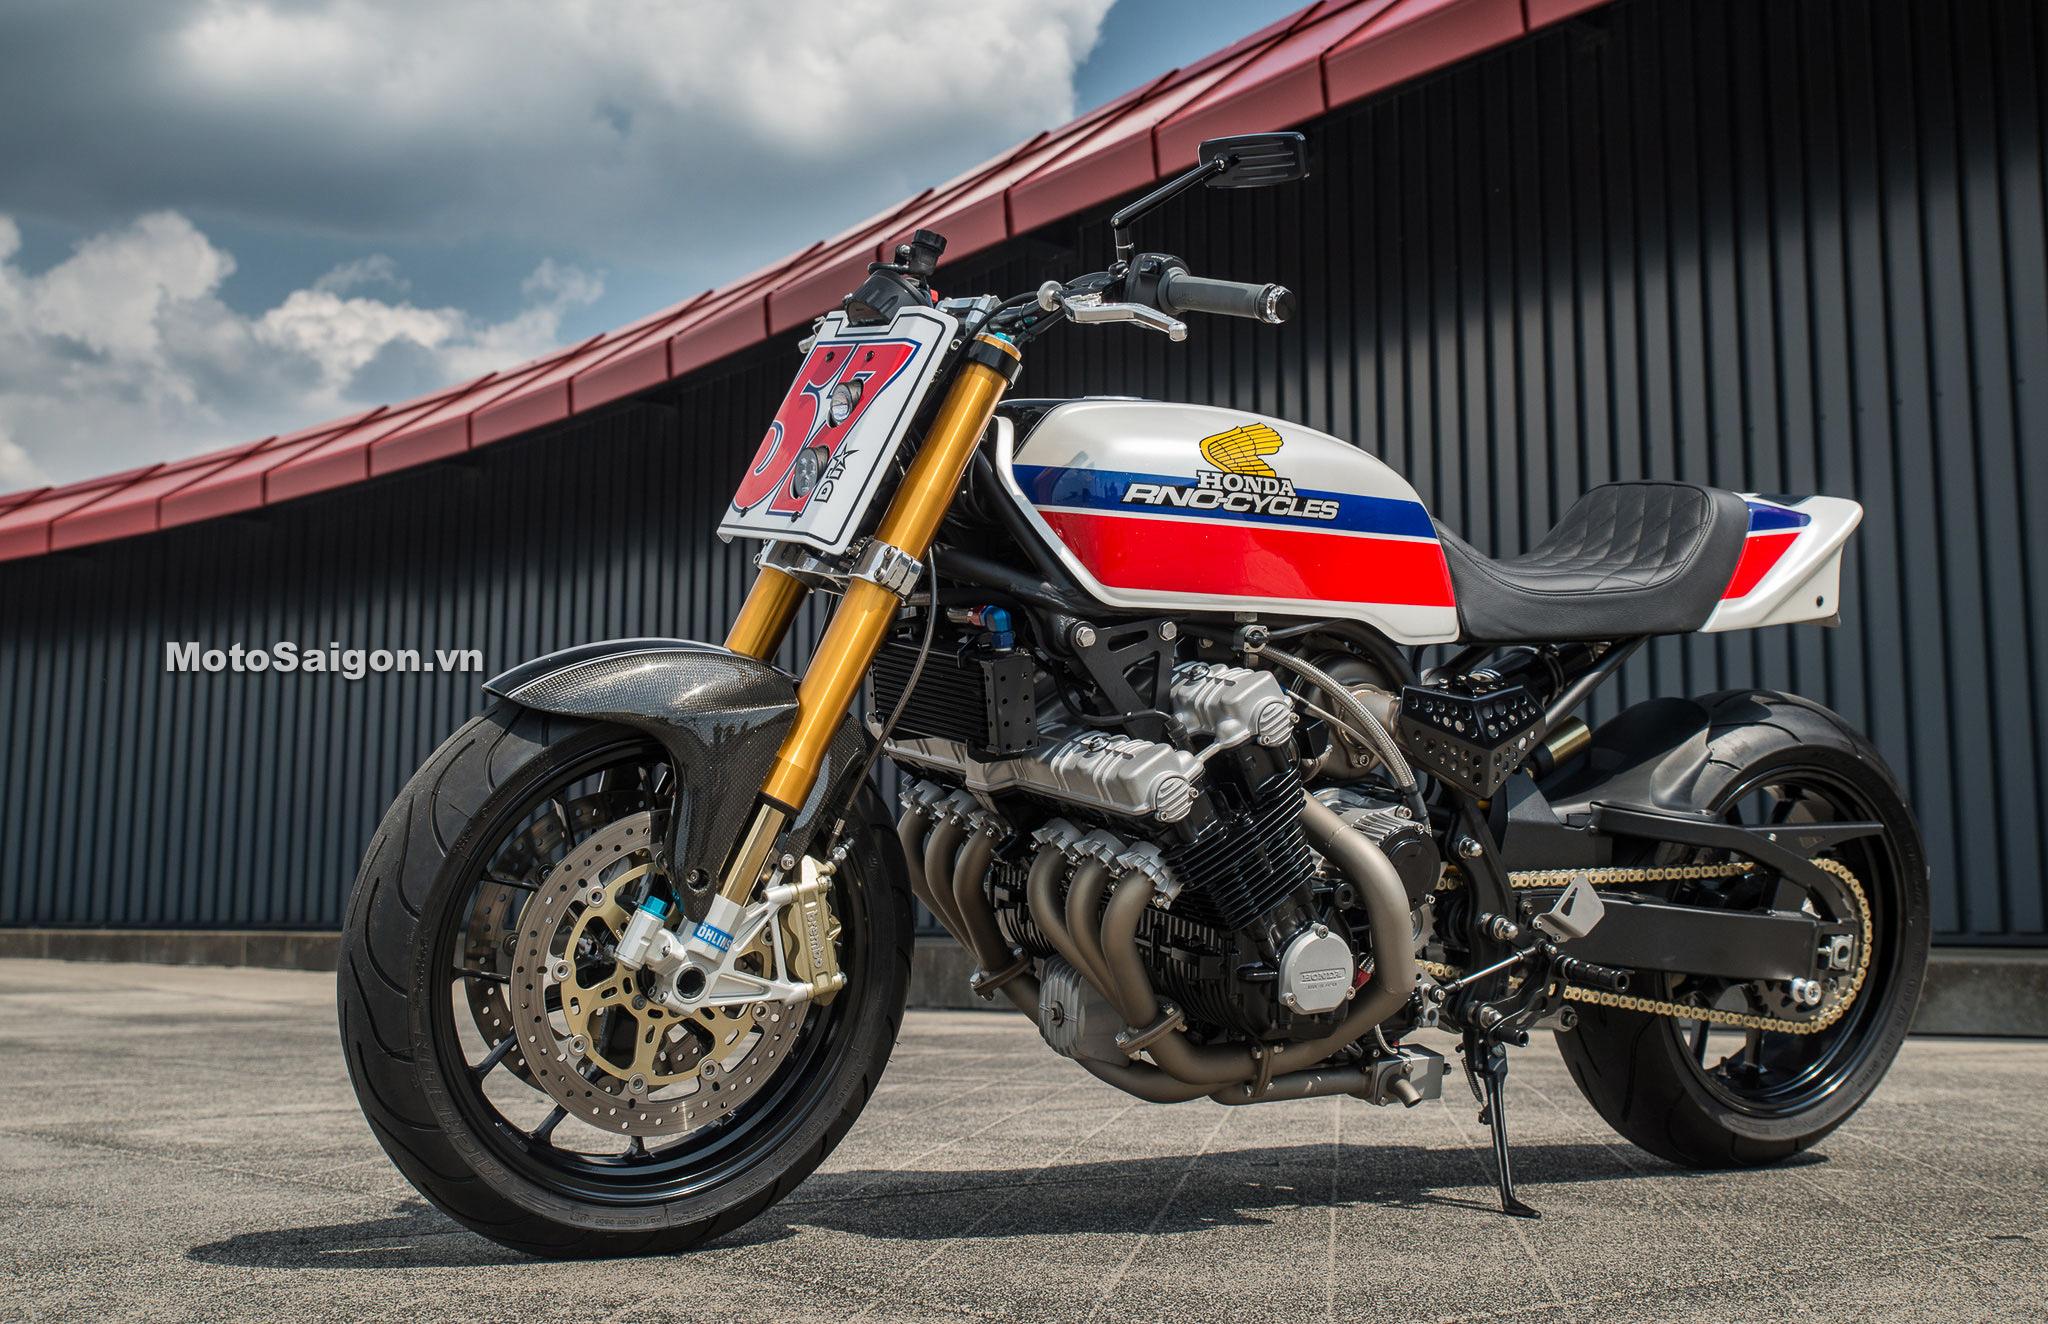 Honda CBX1000 6 xilanh thẳng hàng độ Turbo siêu khủng